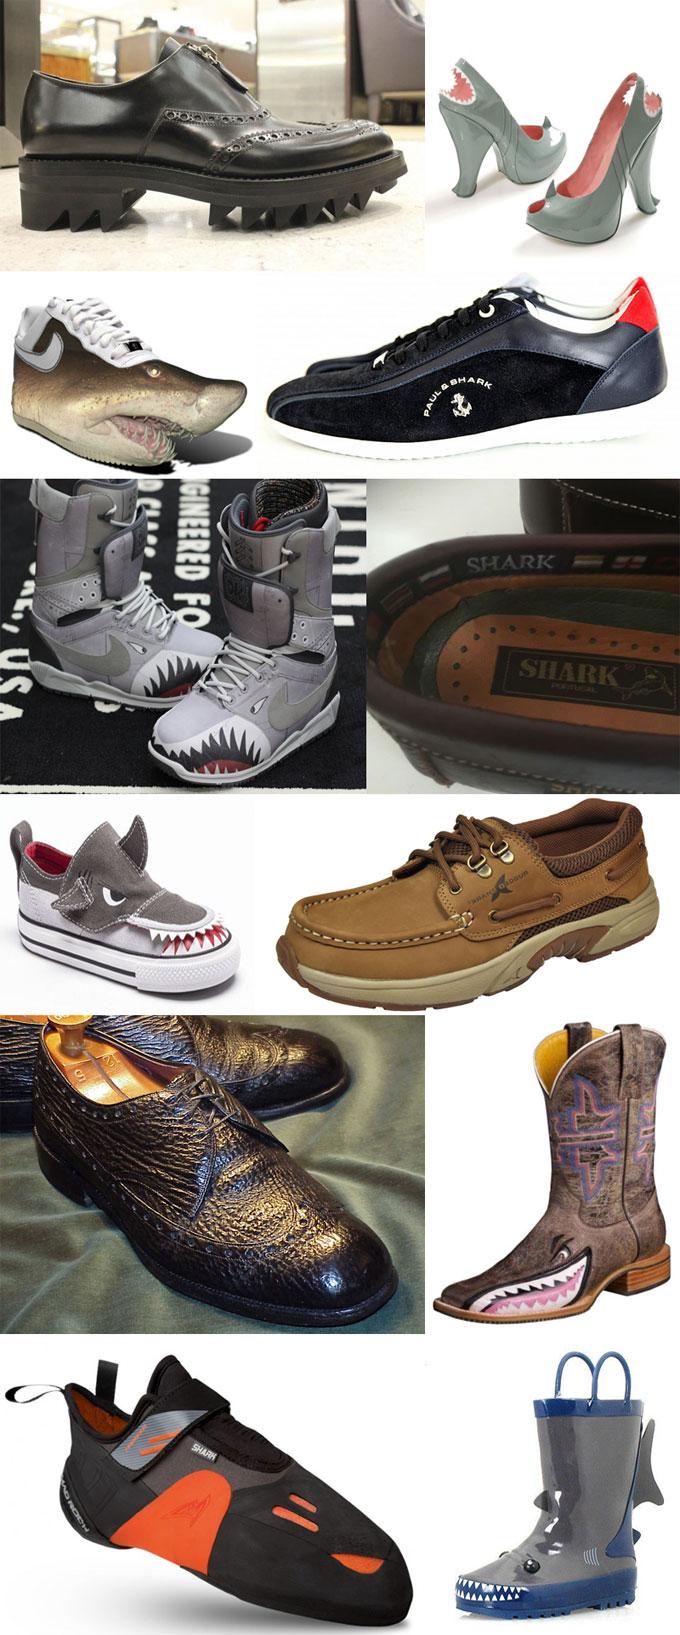 Фотографии обуви - сапоги и ботинки Акула